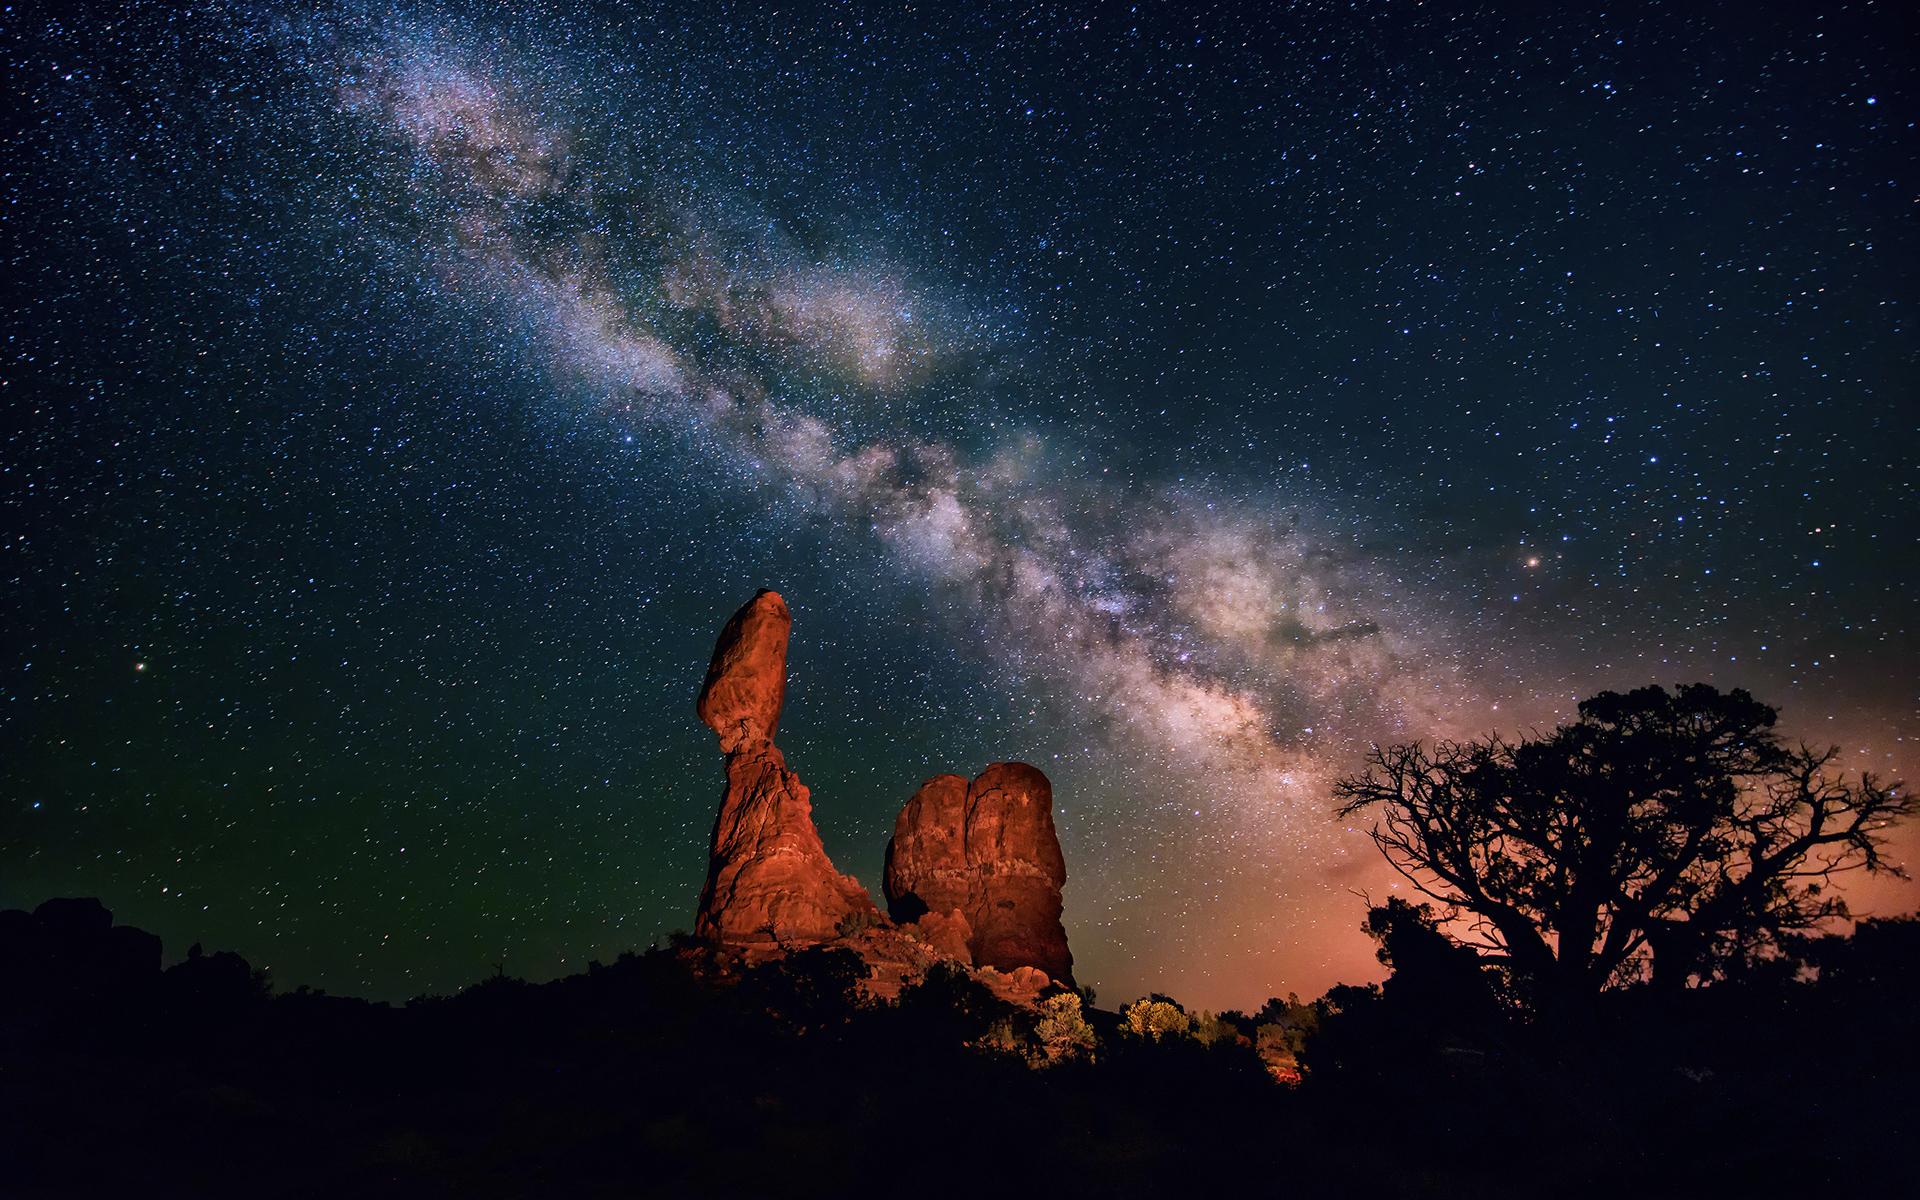 Must see Wallpaper Night Galaxy - 51436b27682e6a48797a7068f03fc23f  HD-145627.jpg